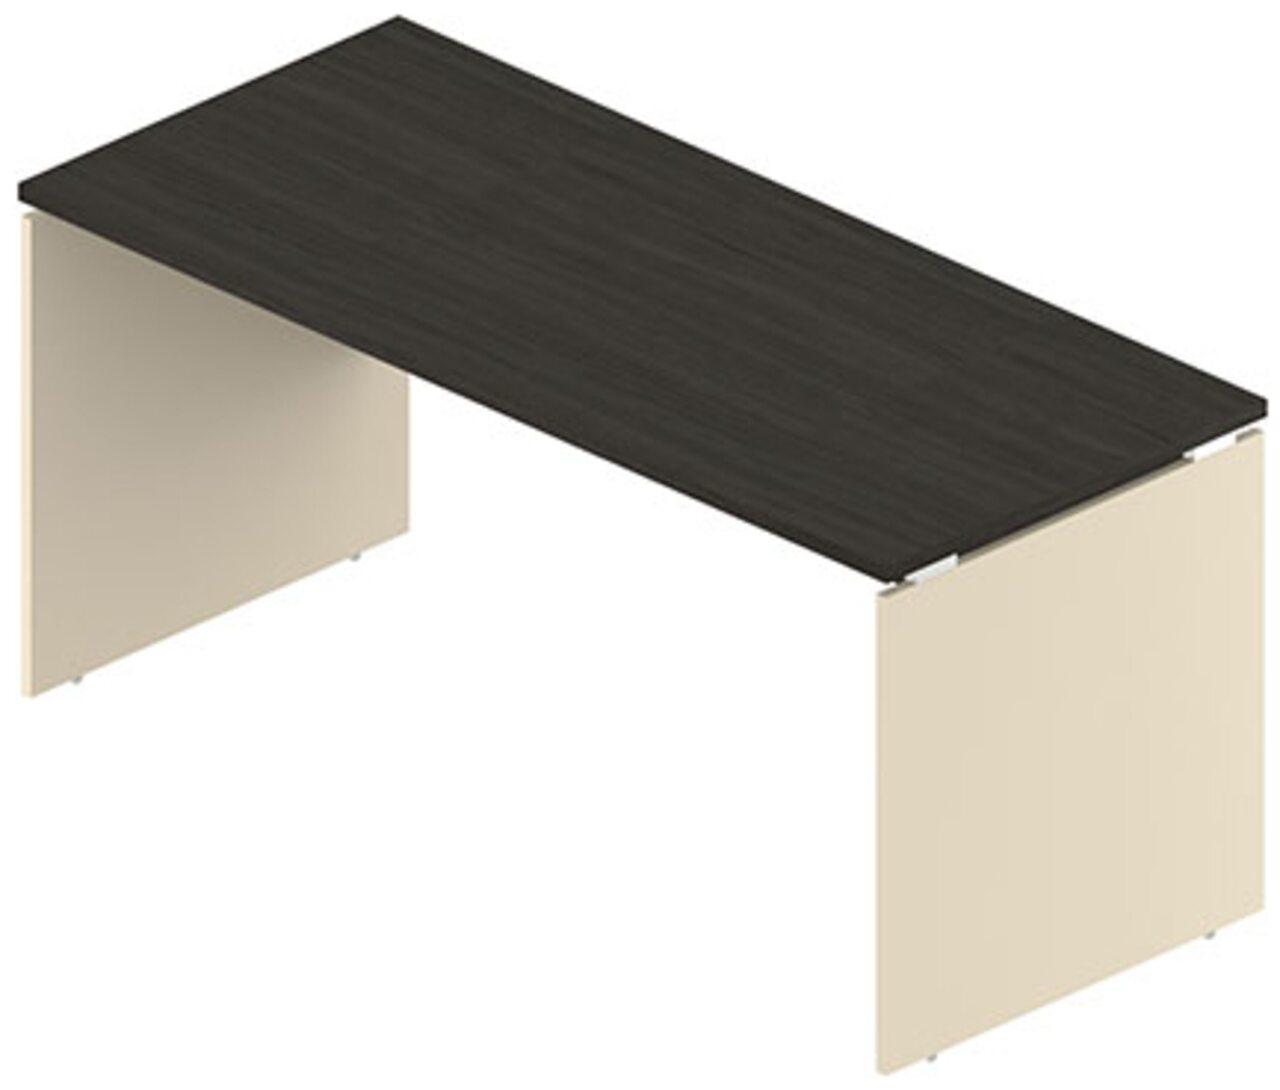 Стол прямой  Rio 160x70x75 - фото 2